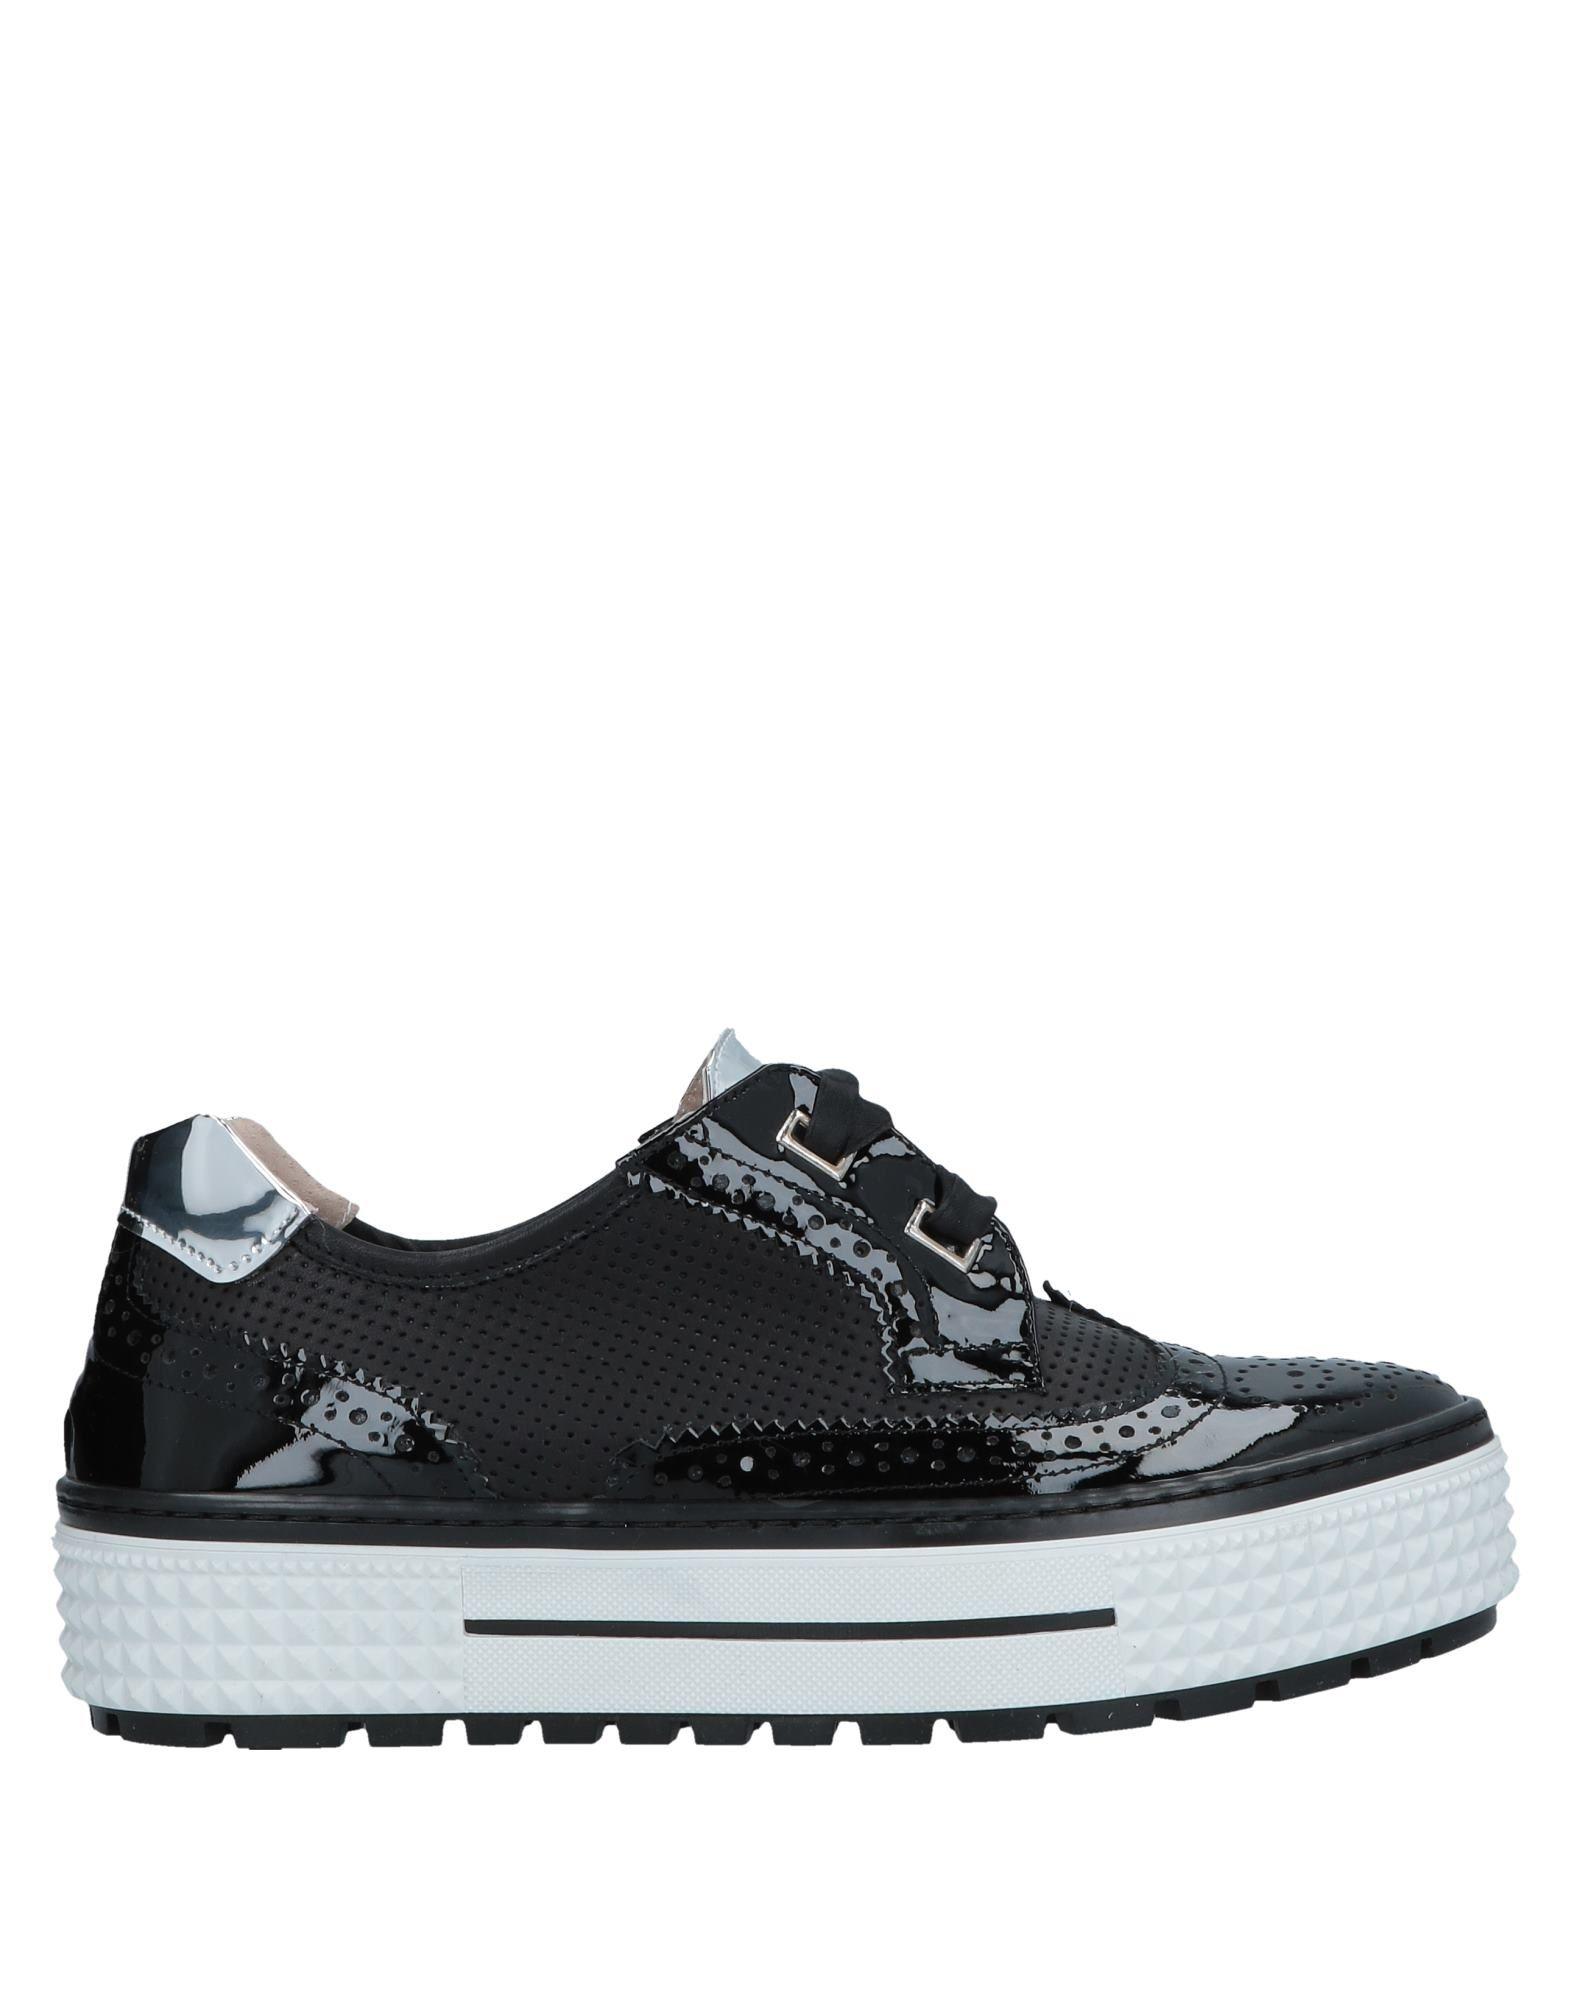 Chaussures À Lacets Loretta Pettinari Femme - Chaussures À Lacets Loretta Pettinari   - 11599620KQ